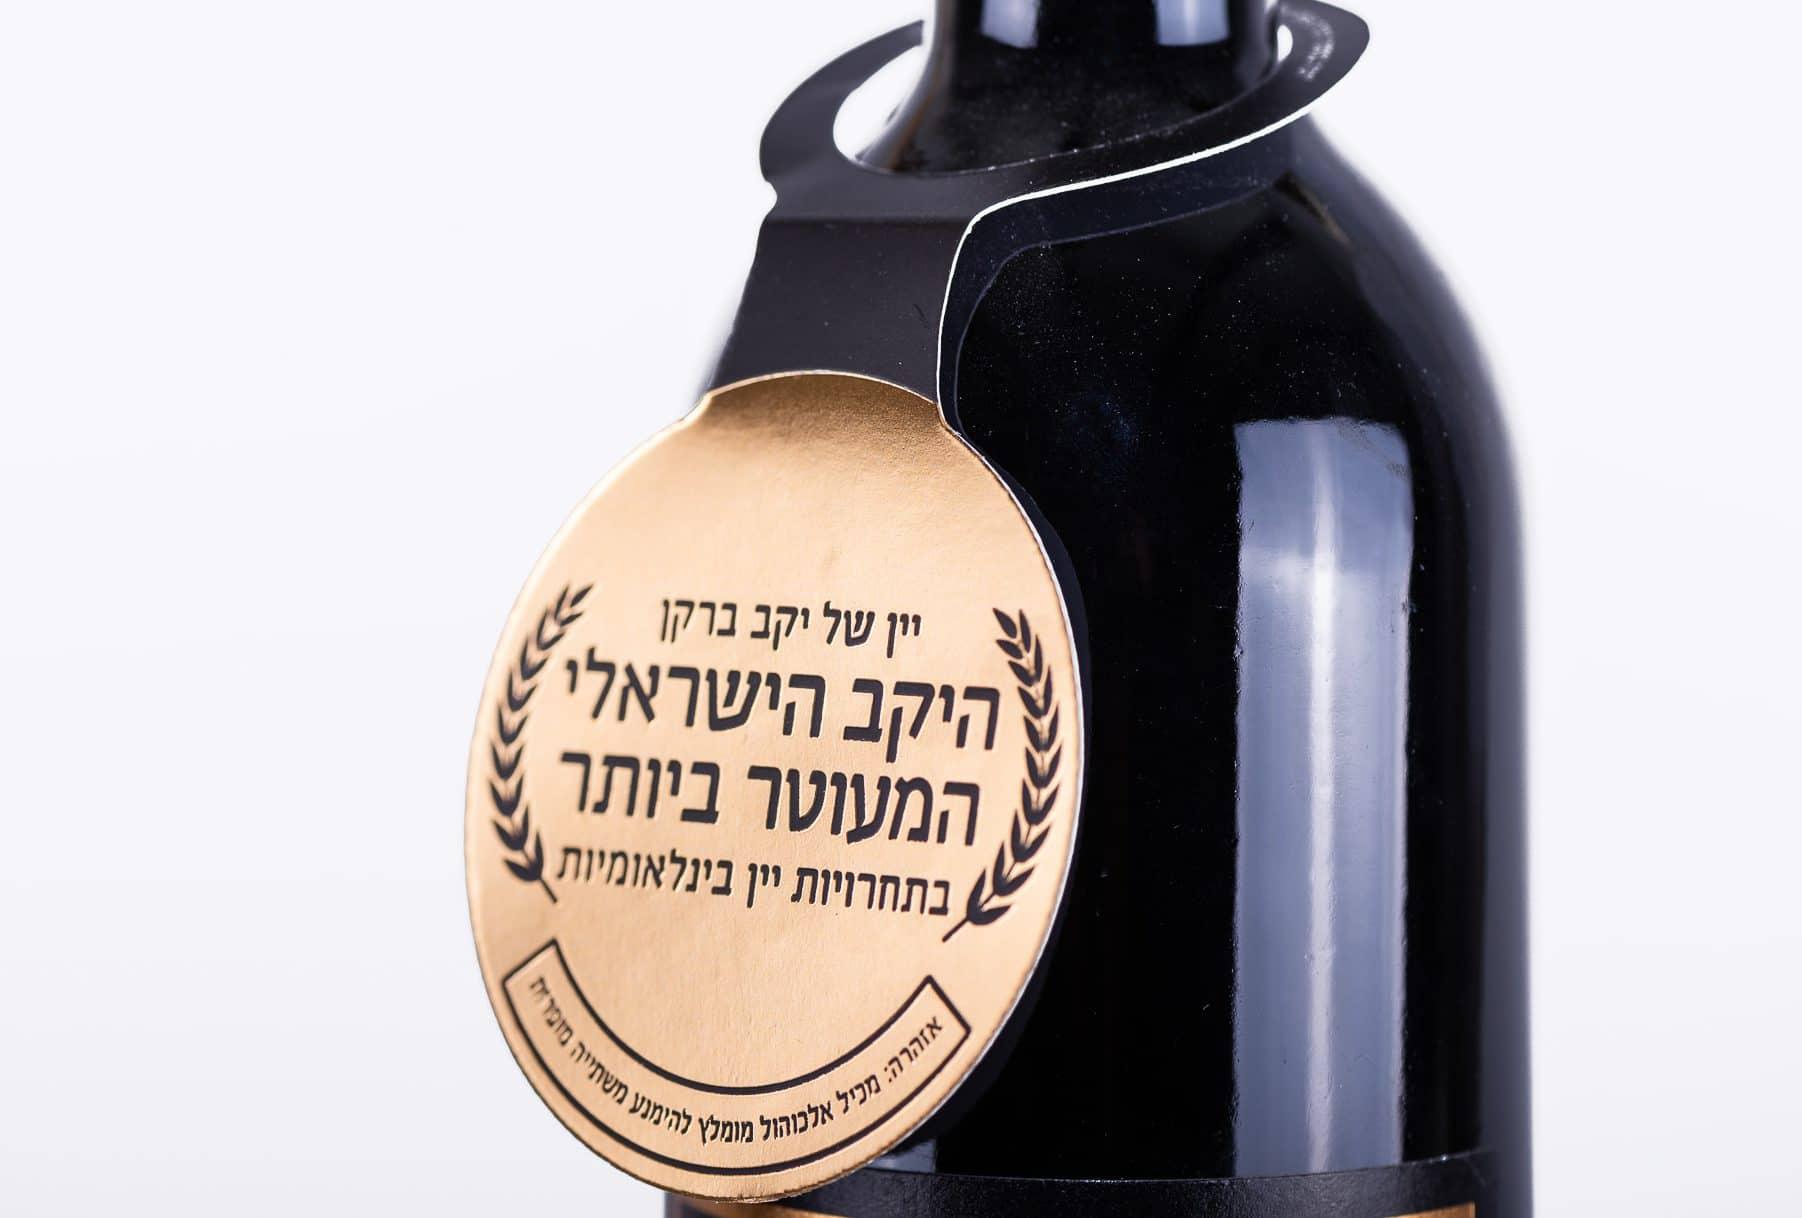 הדפסת תוויות ומדבקות לבקבוקי יין של יקב ברקן